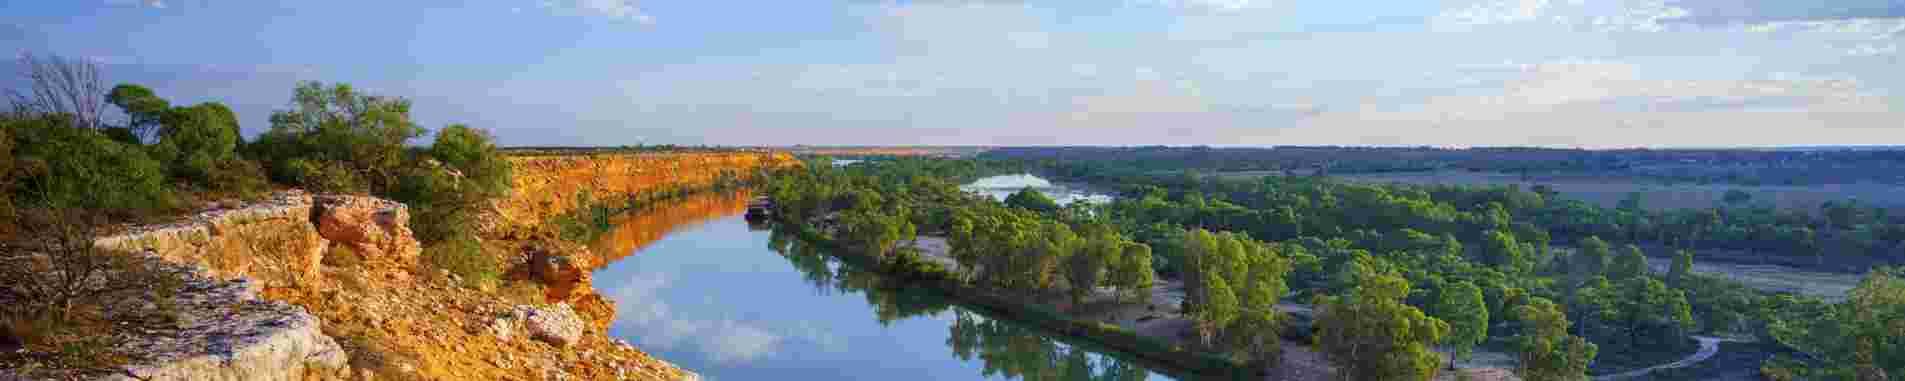 Murray Riverlands header image